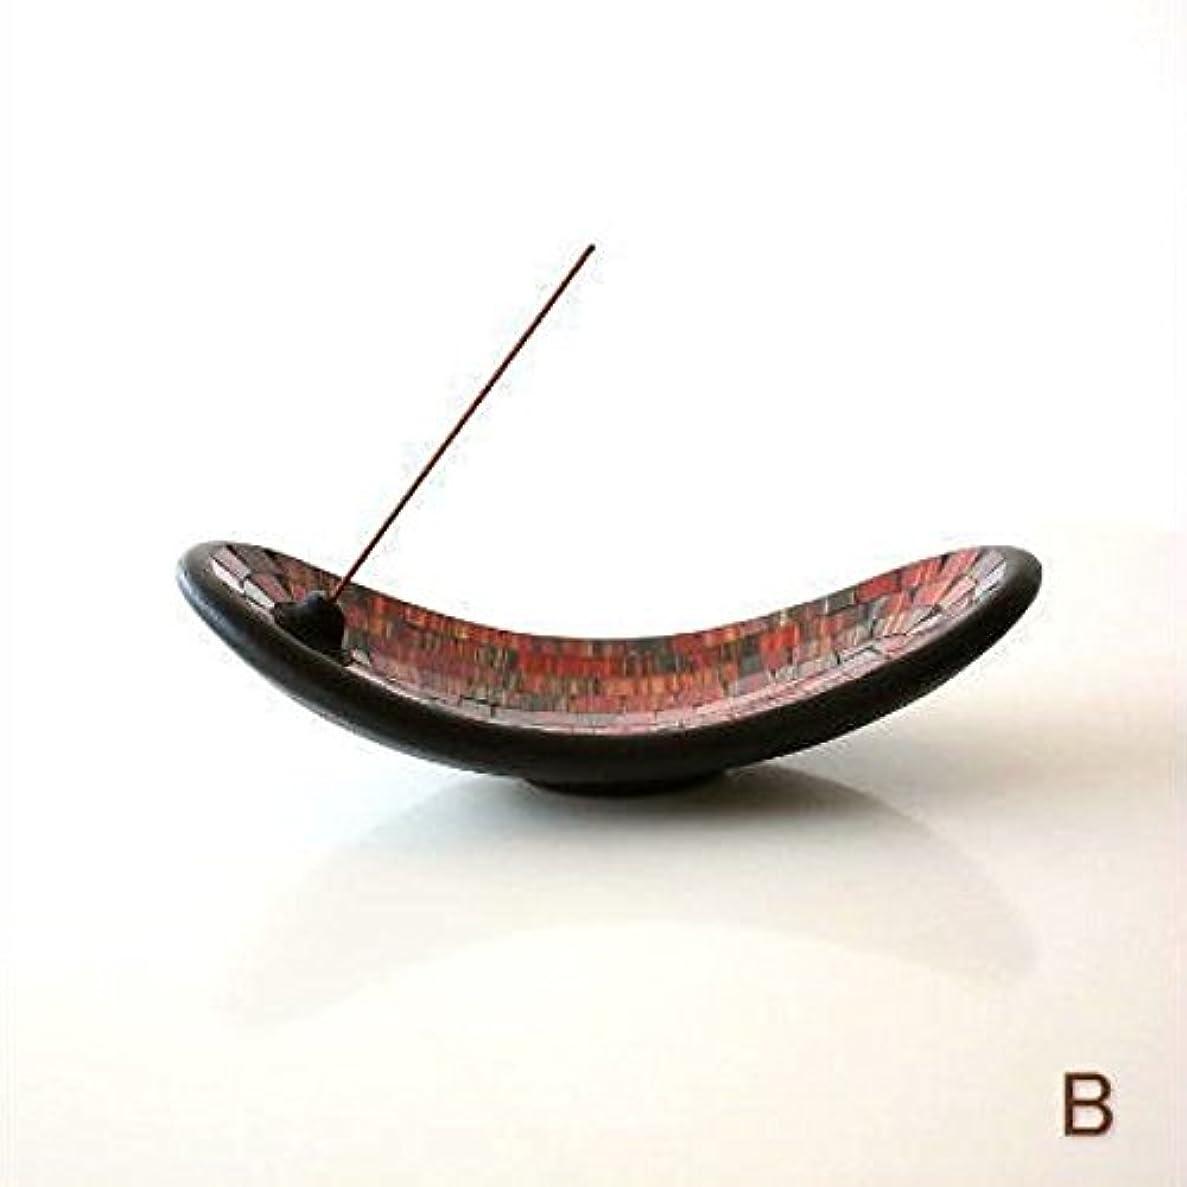 古代頭痛信者お香立て スティック おしゃれ かわいい モザイクガラスのインセンスホルダー [tom4305] (B)